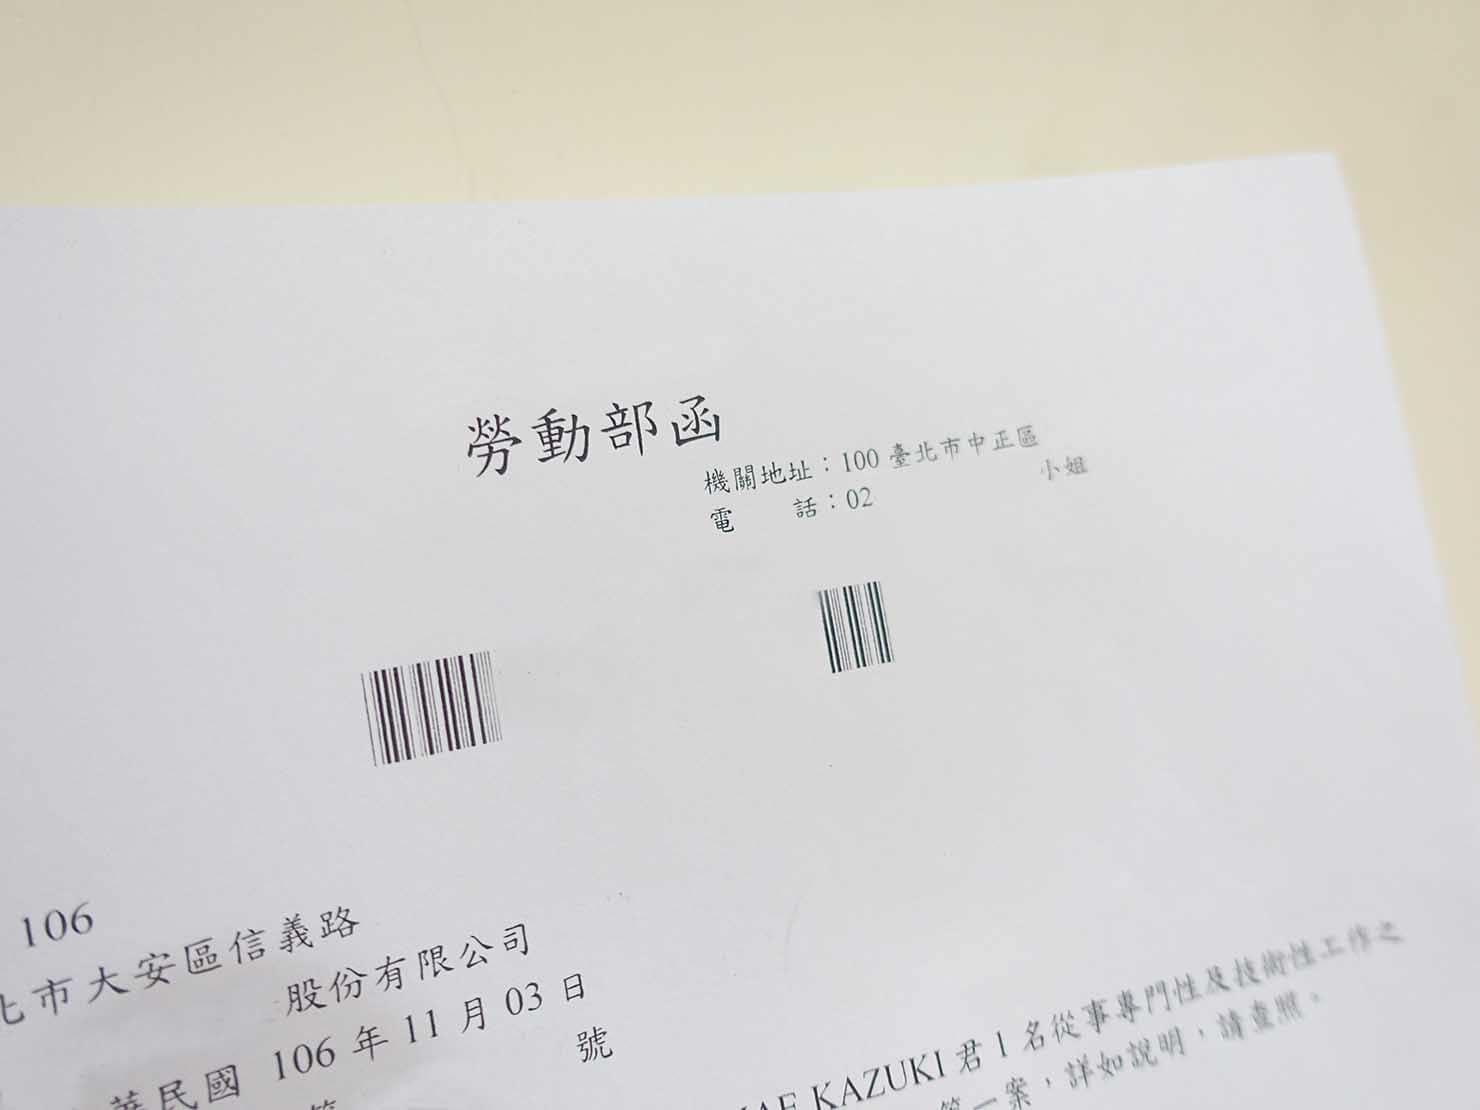 台湾の永住権(永久居留證)申請に必要な書類:工作核准函